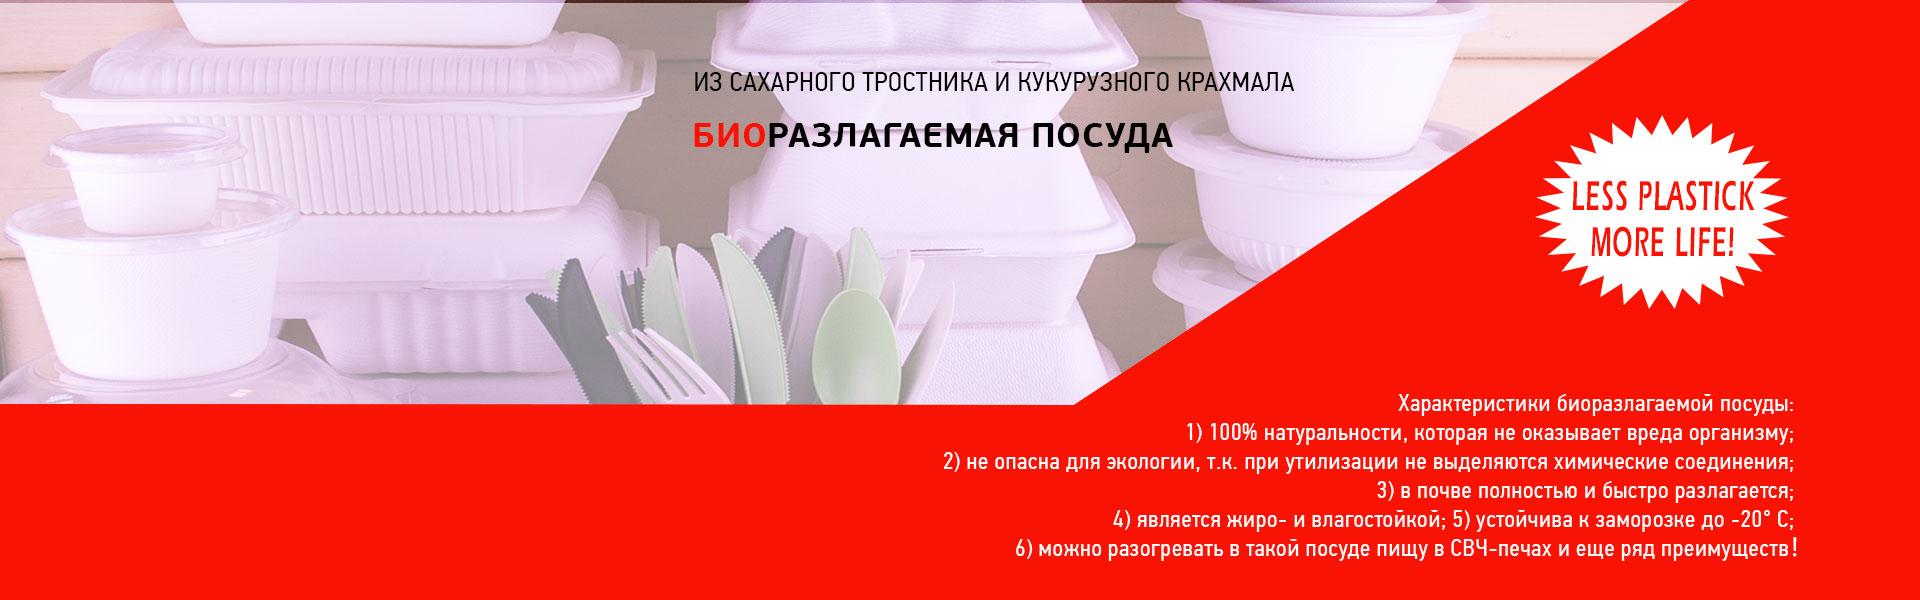 banner_bio_1920x600pix_300119_1